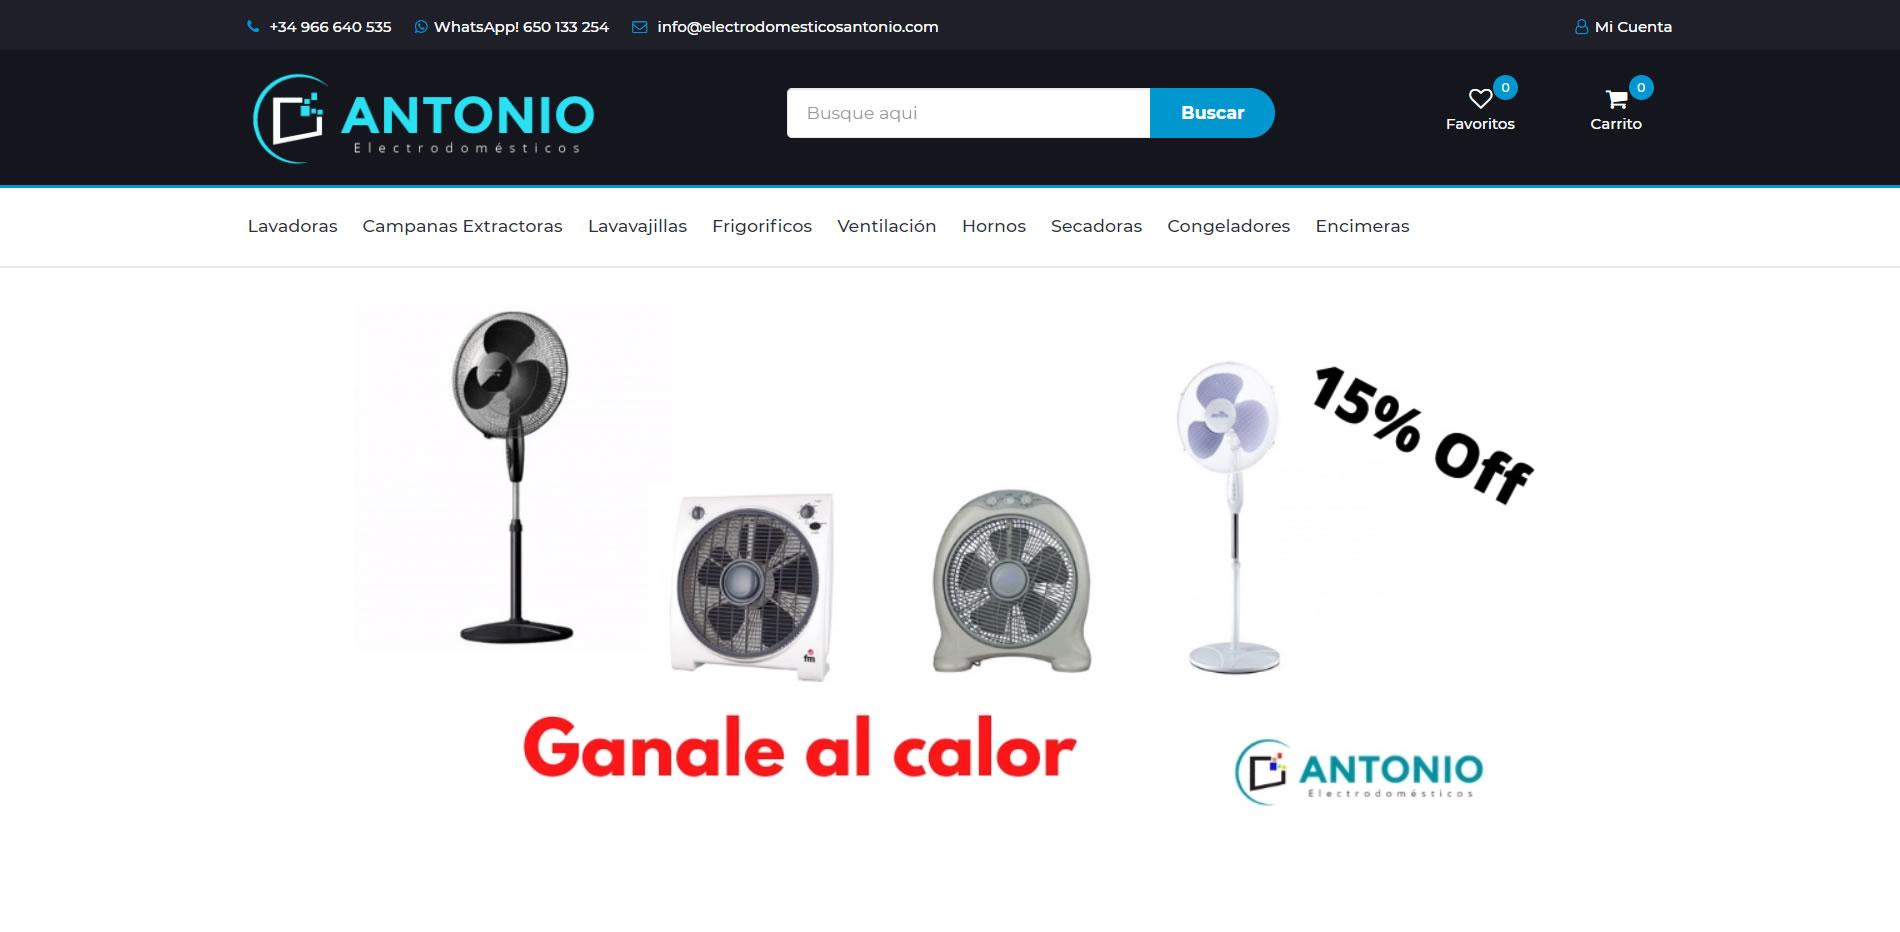 Electrodomésticos Antonio